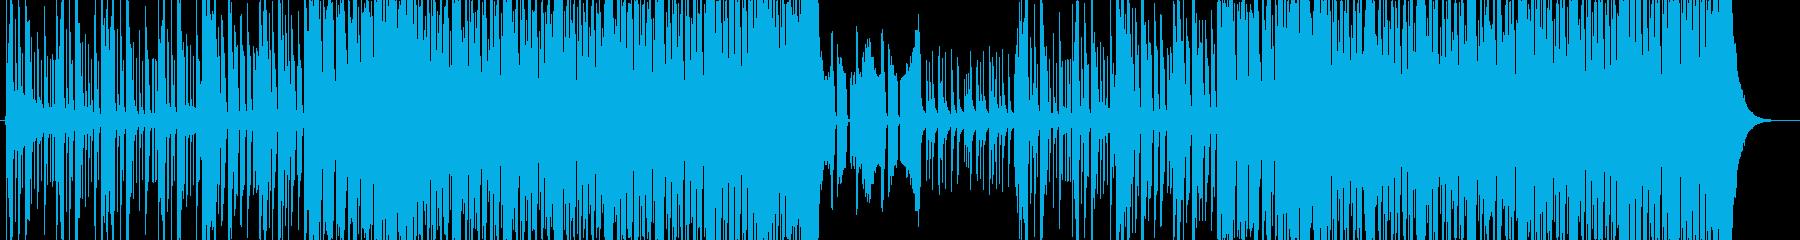 激しい和風EDM 侍 サムラEDMの再生済みの波形